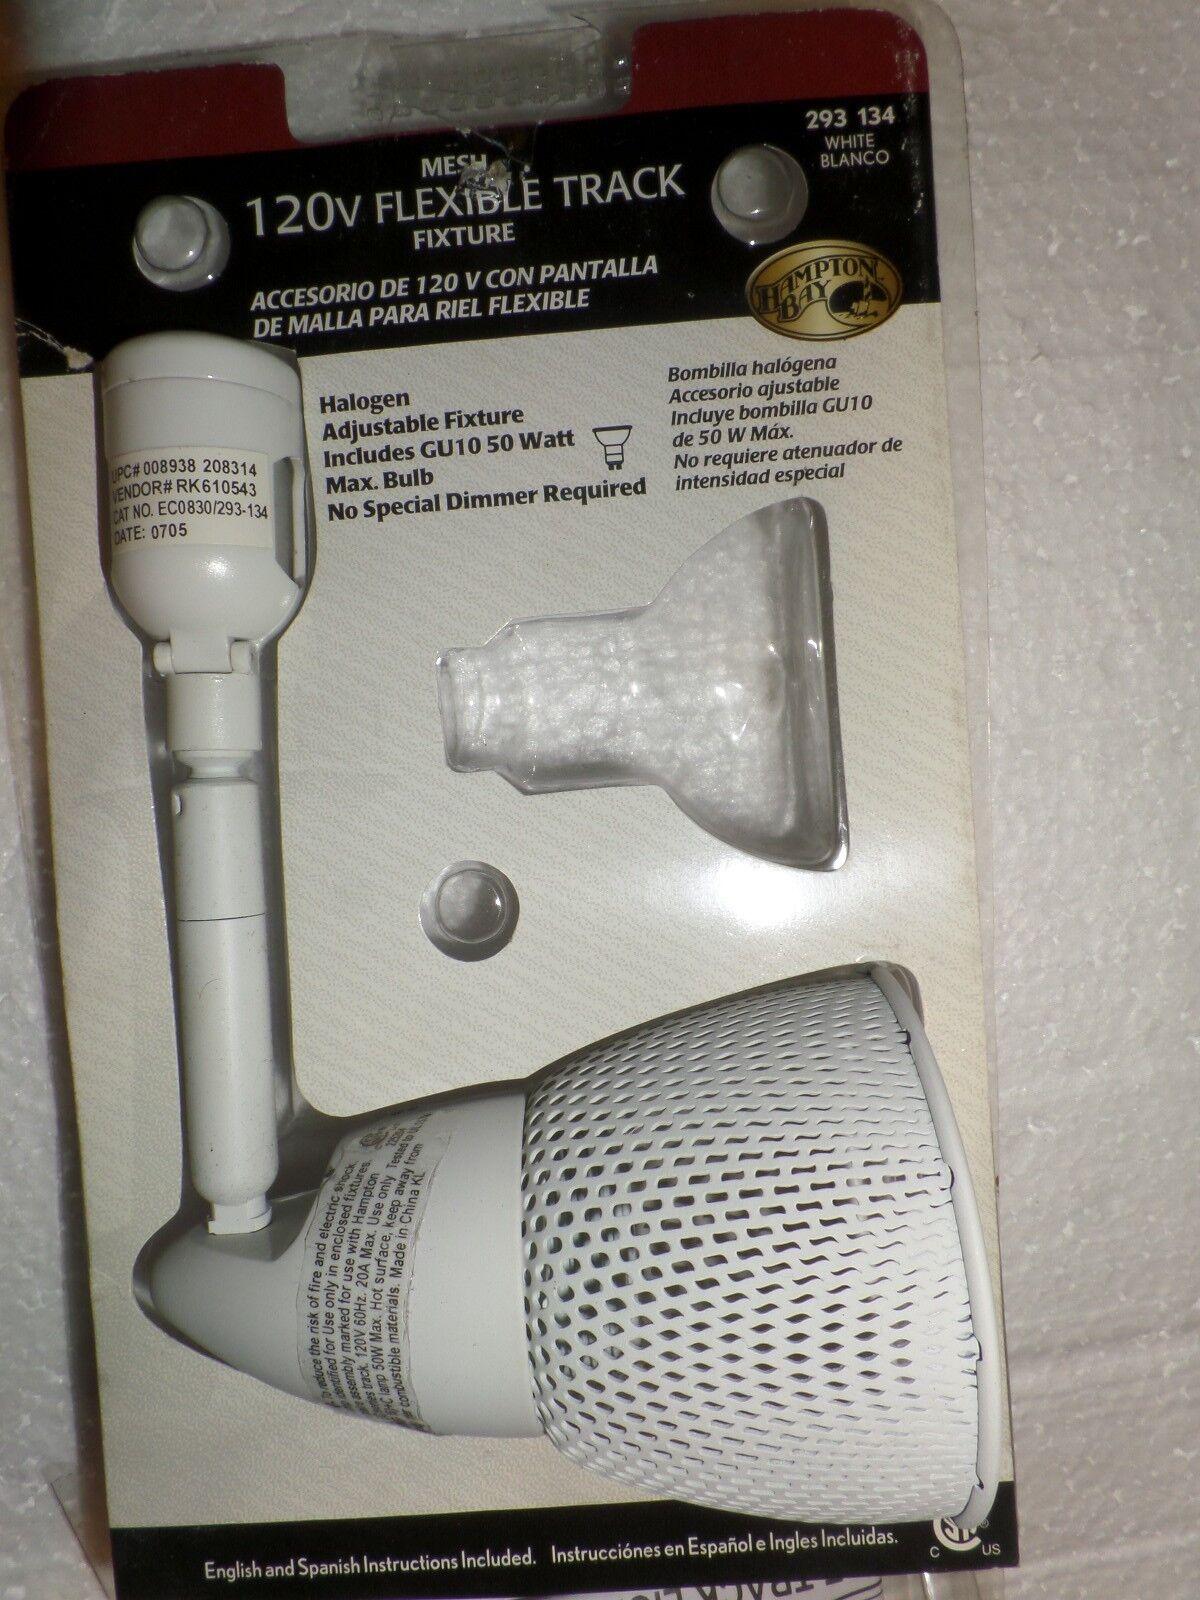 hampton bay 120v flexible track light mesh head white model 293 134